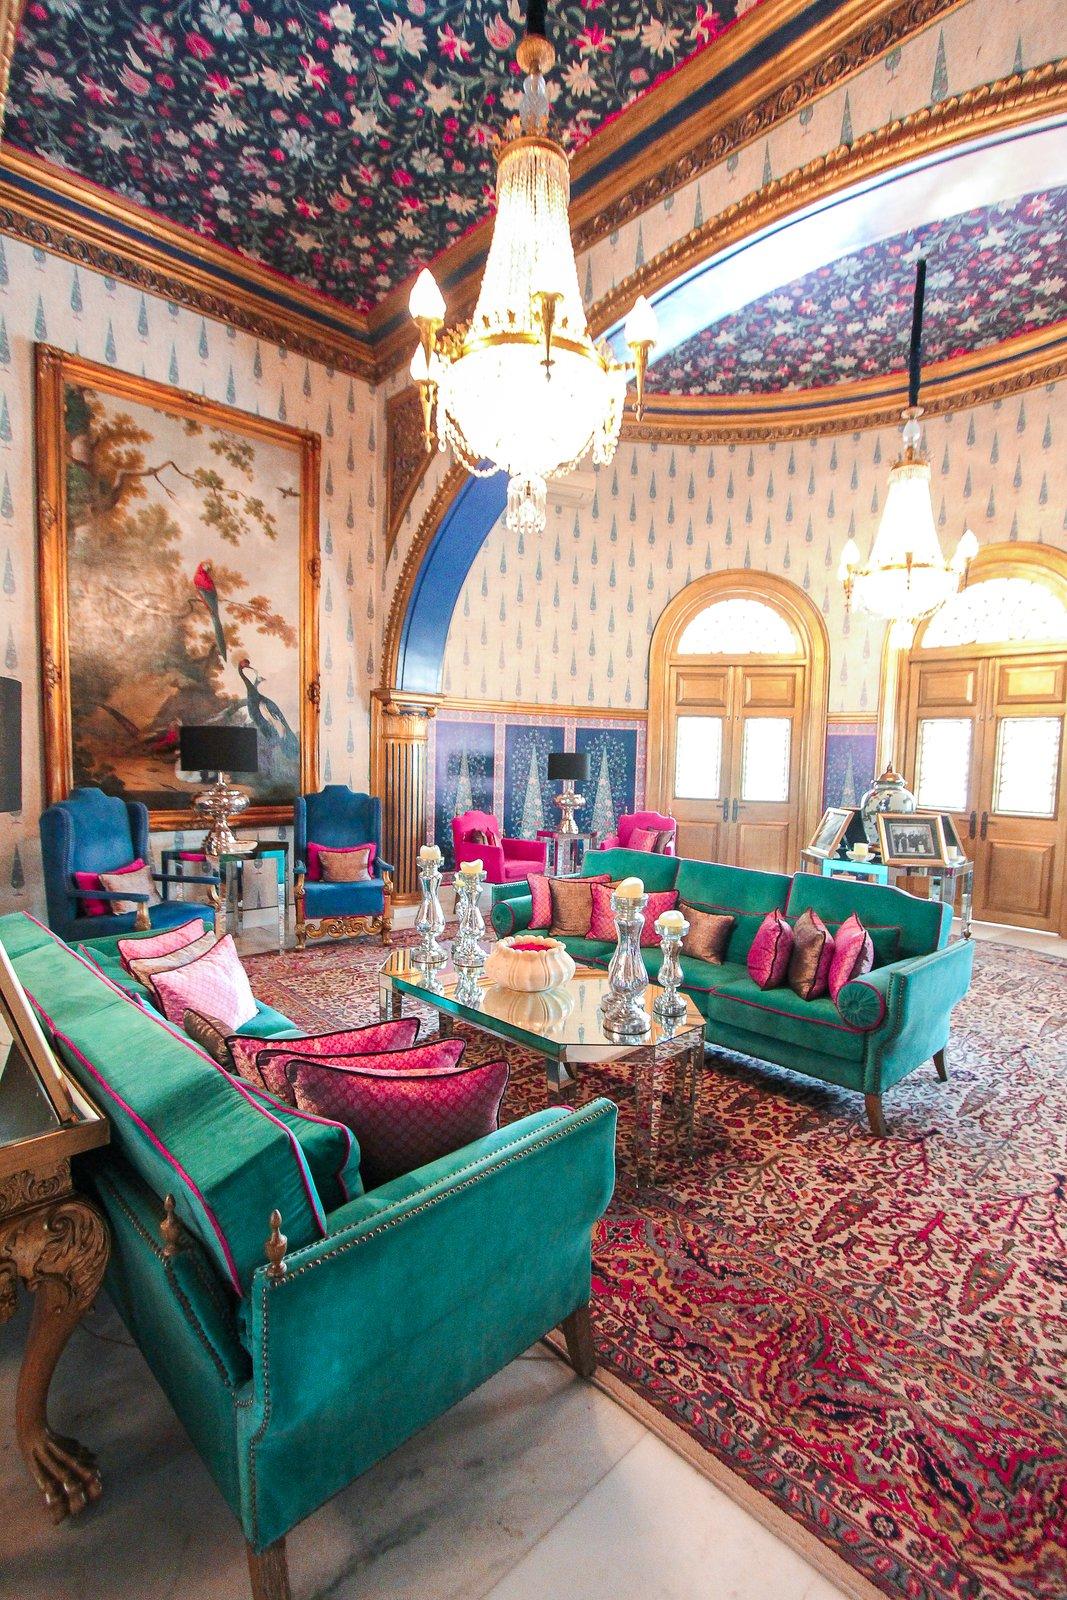 Sujan Rajamahal Palace, Jaipur, India  Sujan Rajamhal Palace, Jaipur